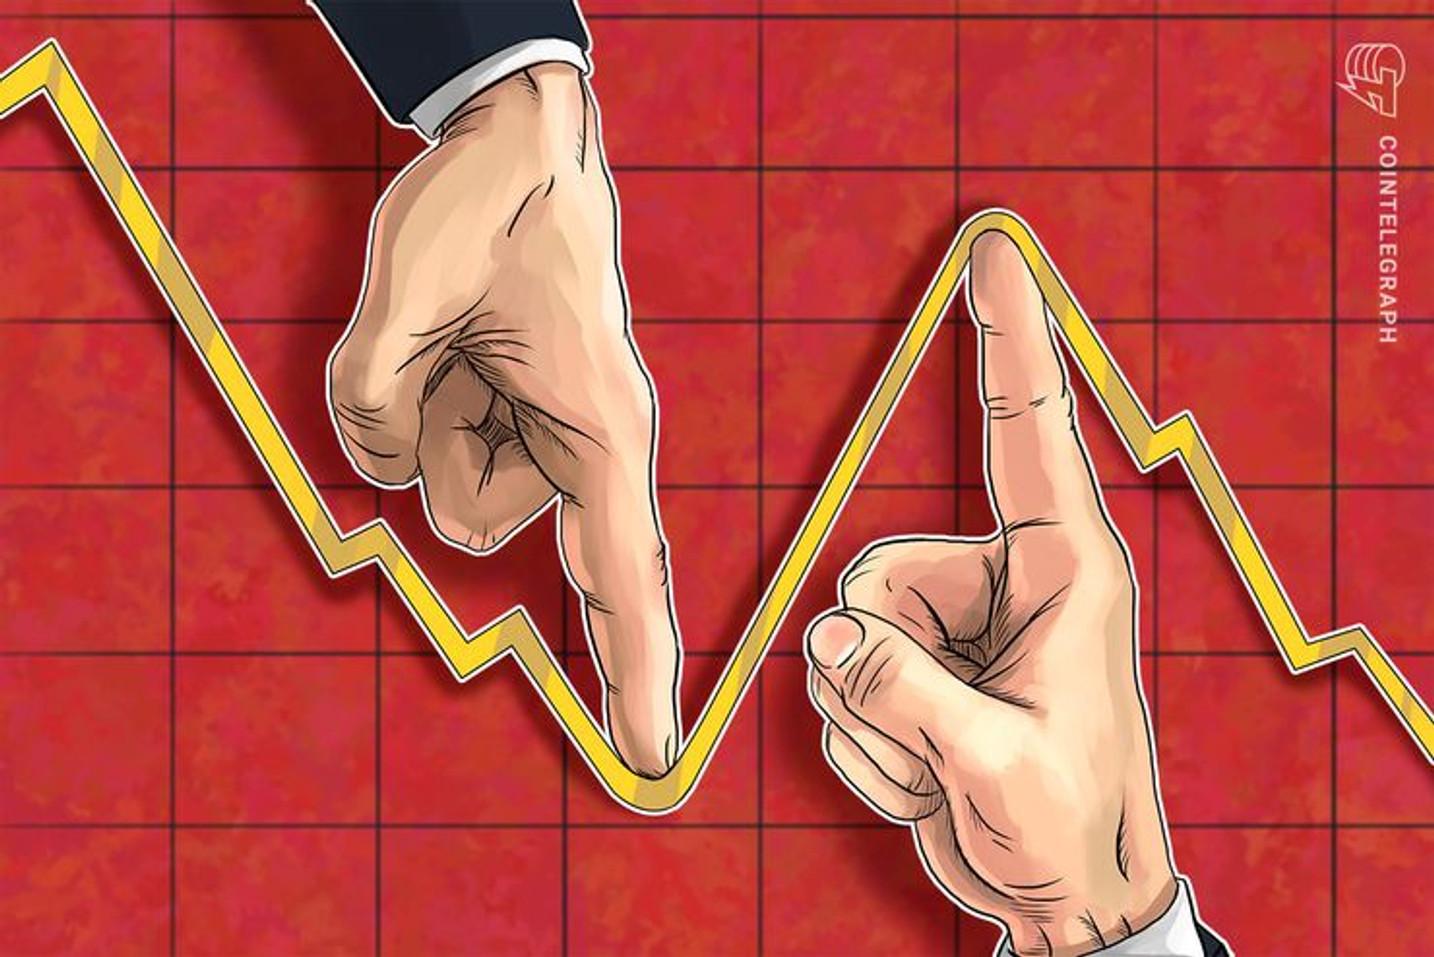 Continua il declino dei mercati delle criptovalute, tutte le principali monete in rosso